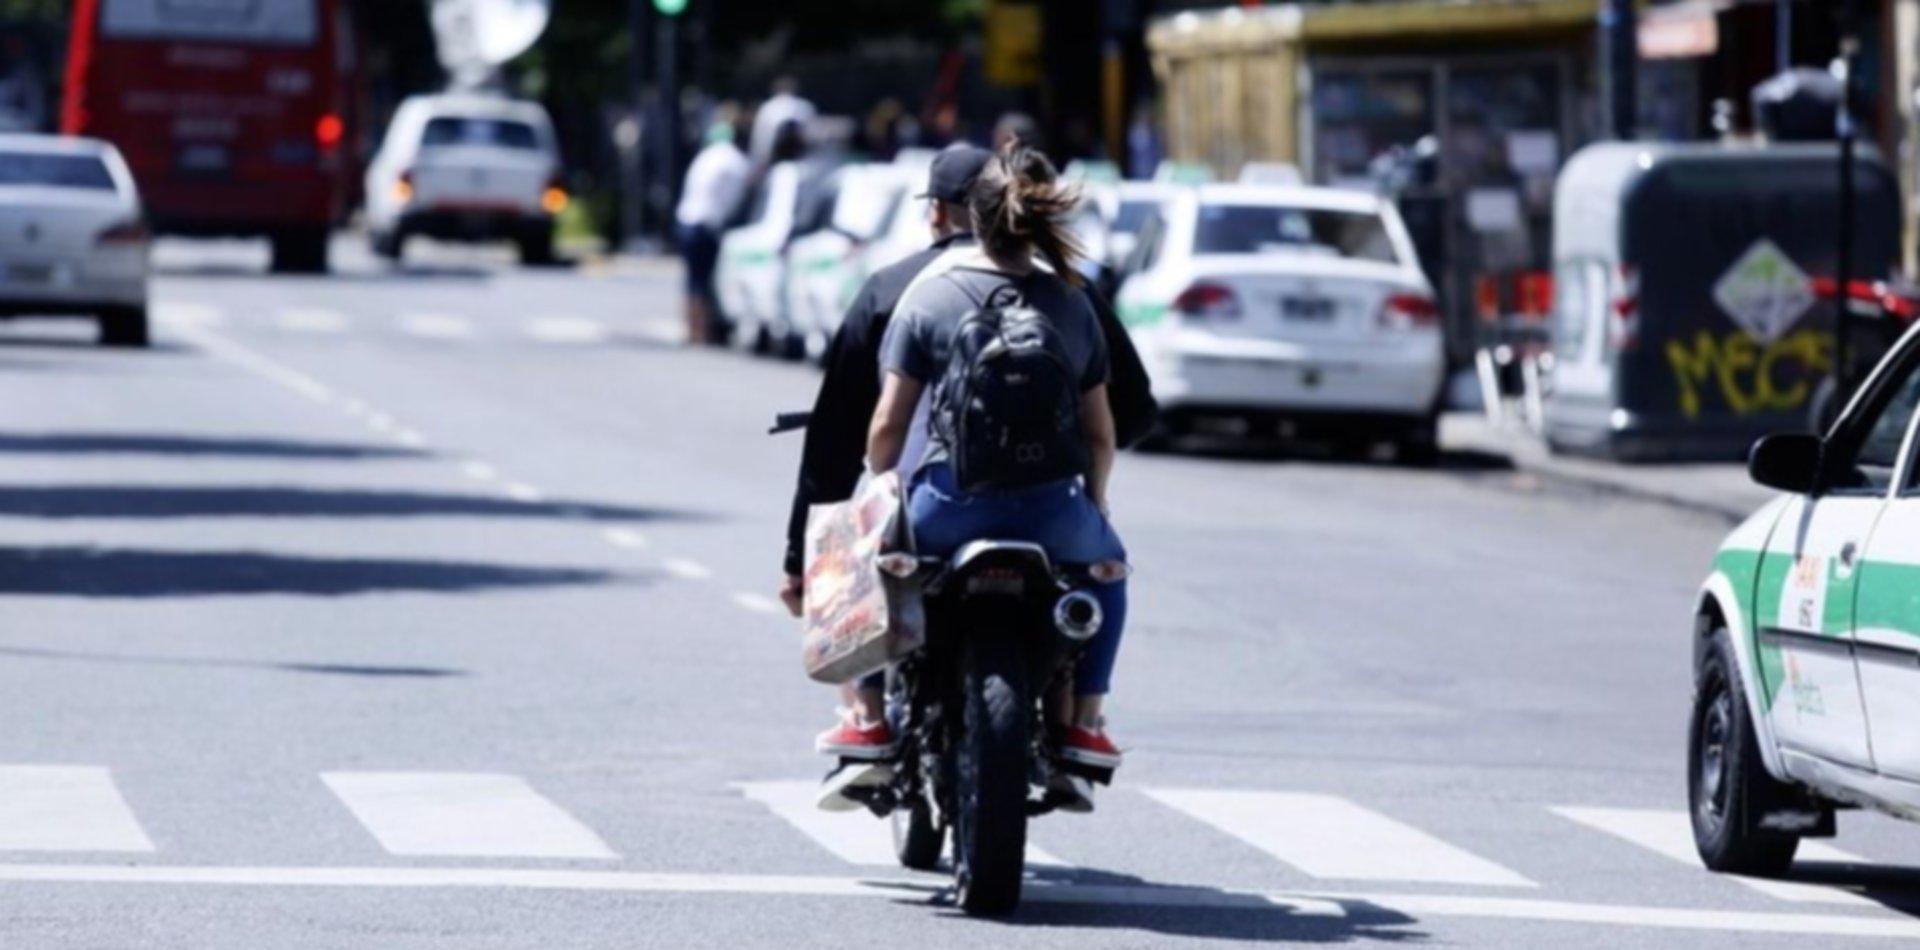 Desde este fin de semana, a todos los que circulen sin casco se les secuestrará la moto